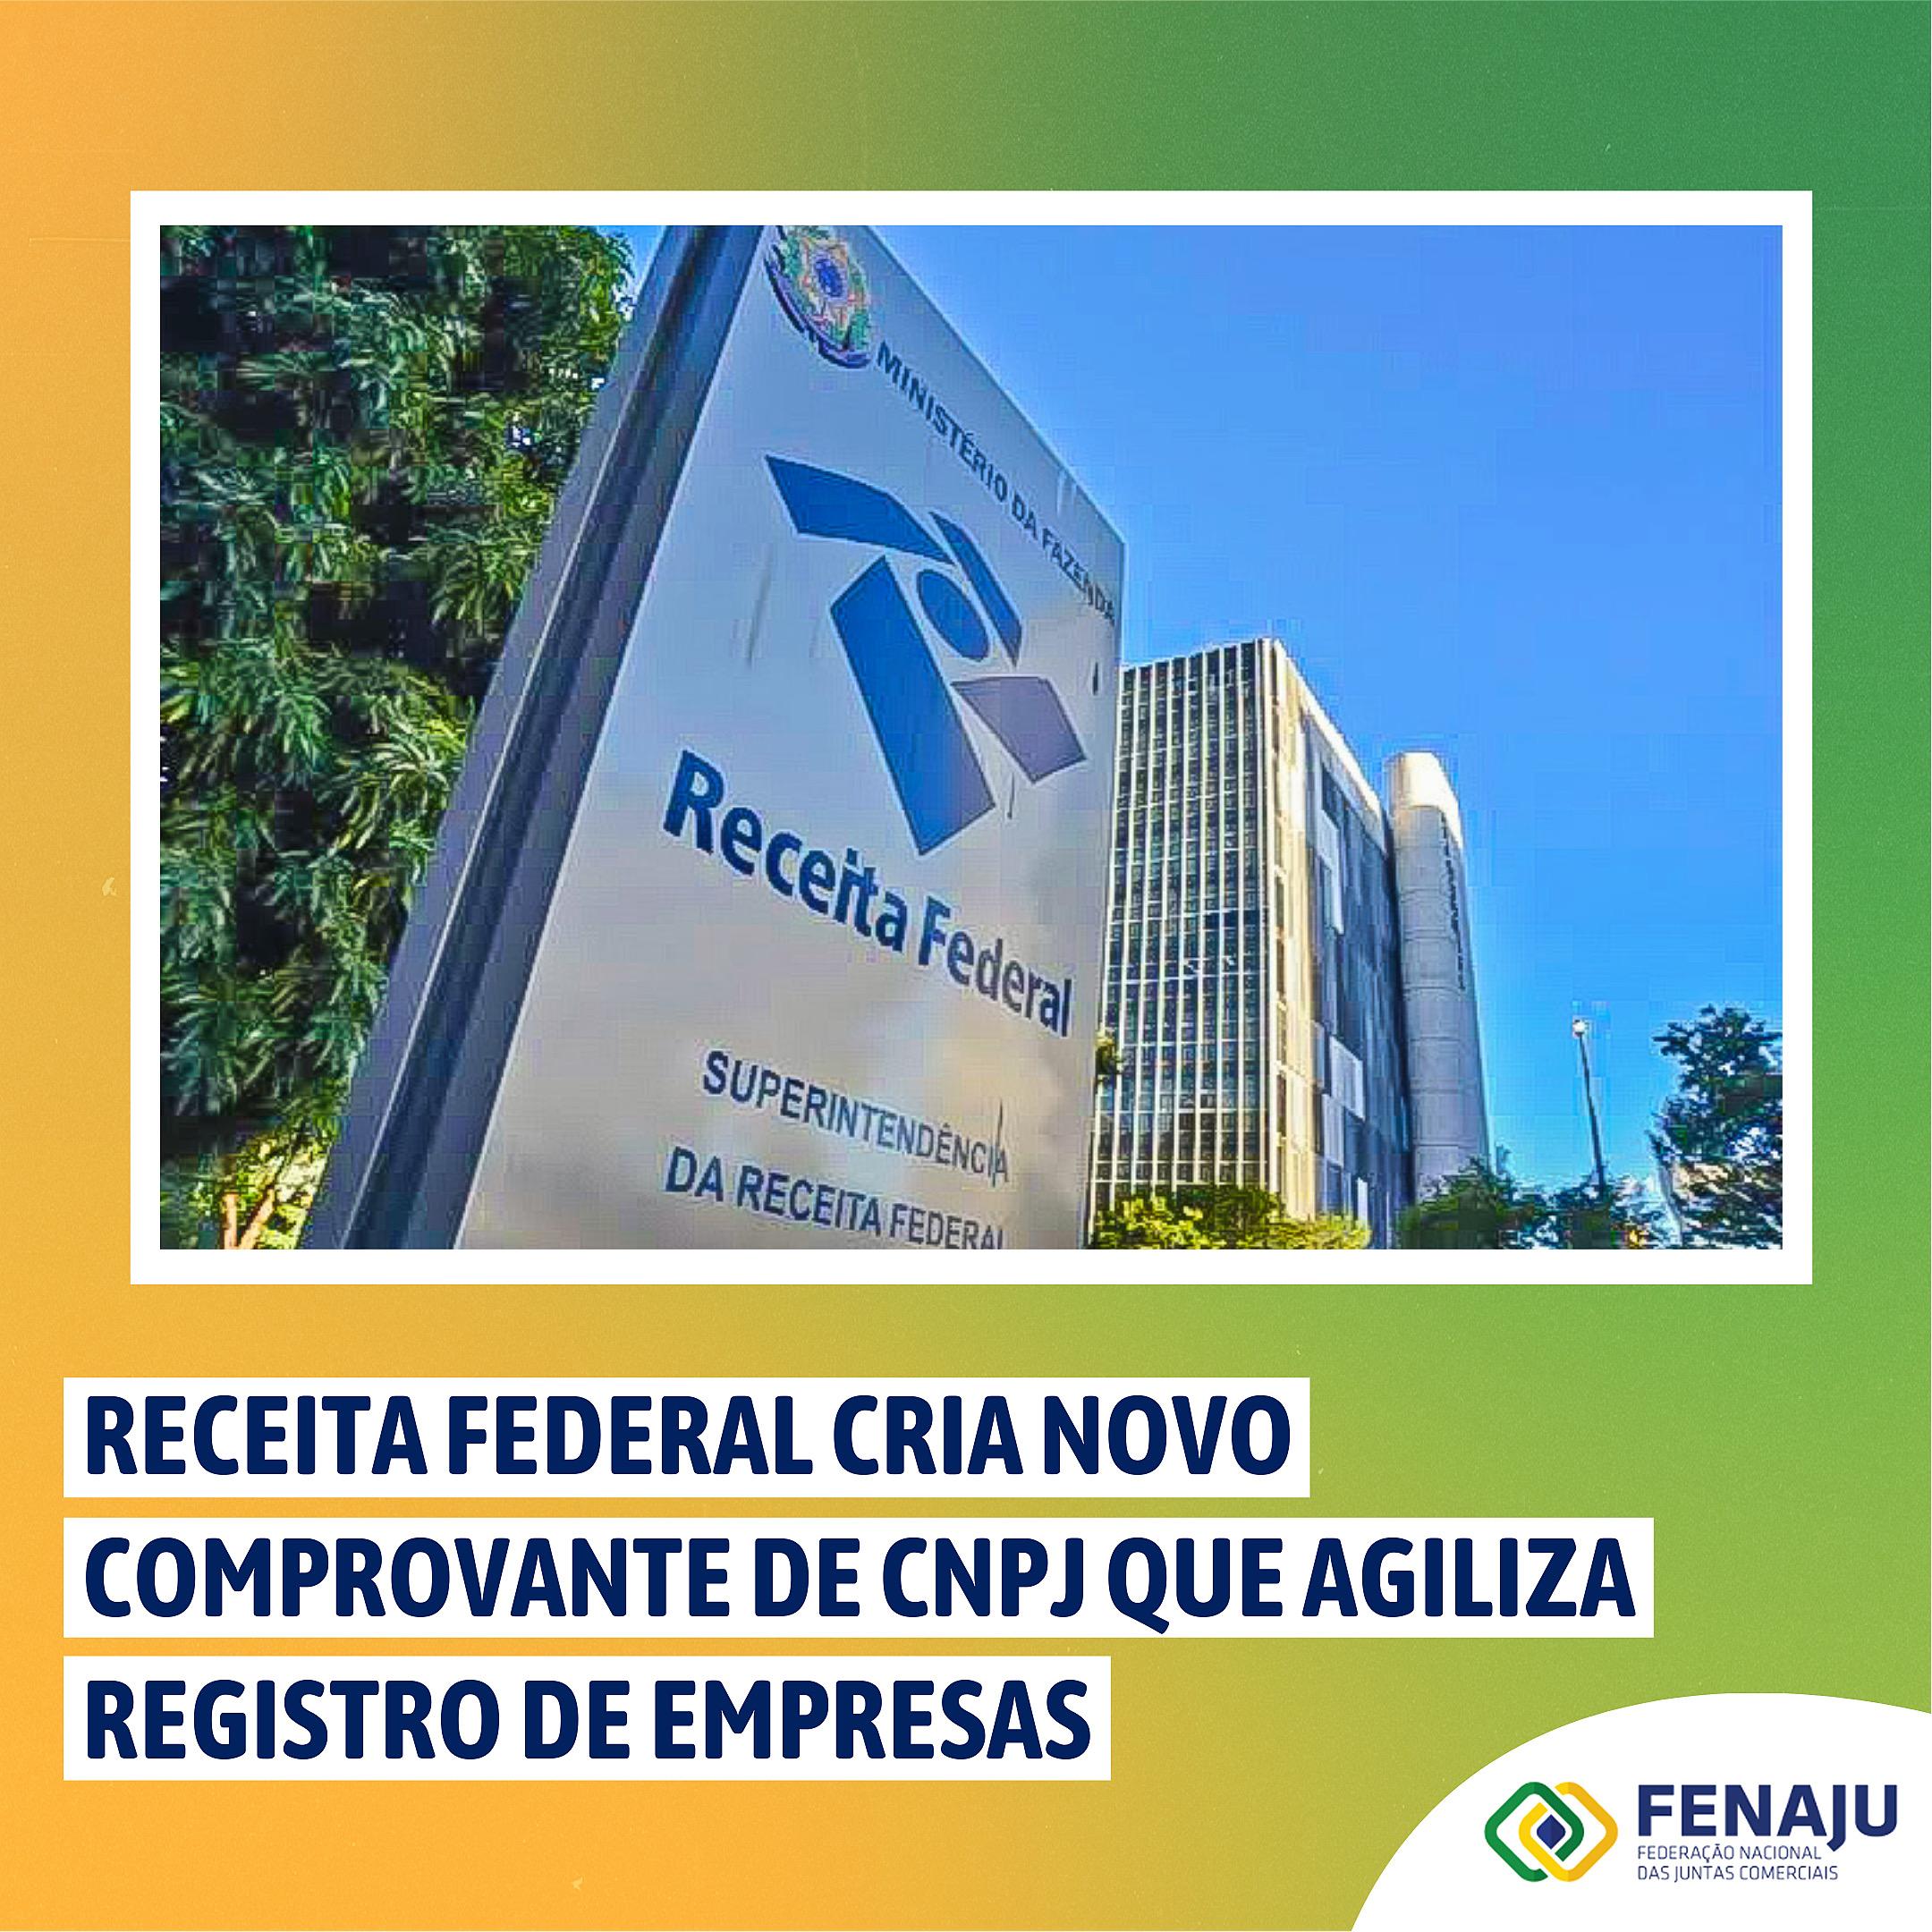 A Receita Federal criou um novo modelo de Comprovante de CNPJ que agiliza registro de empresas